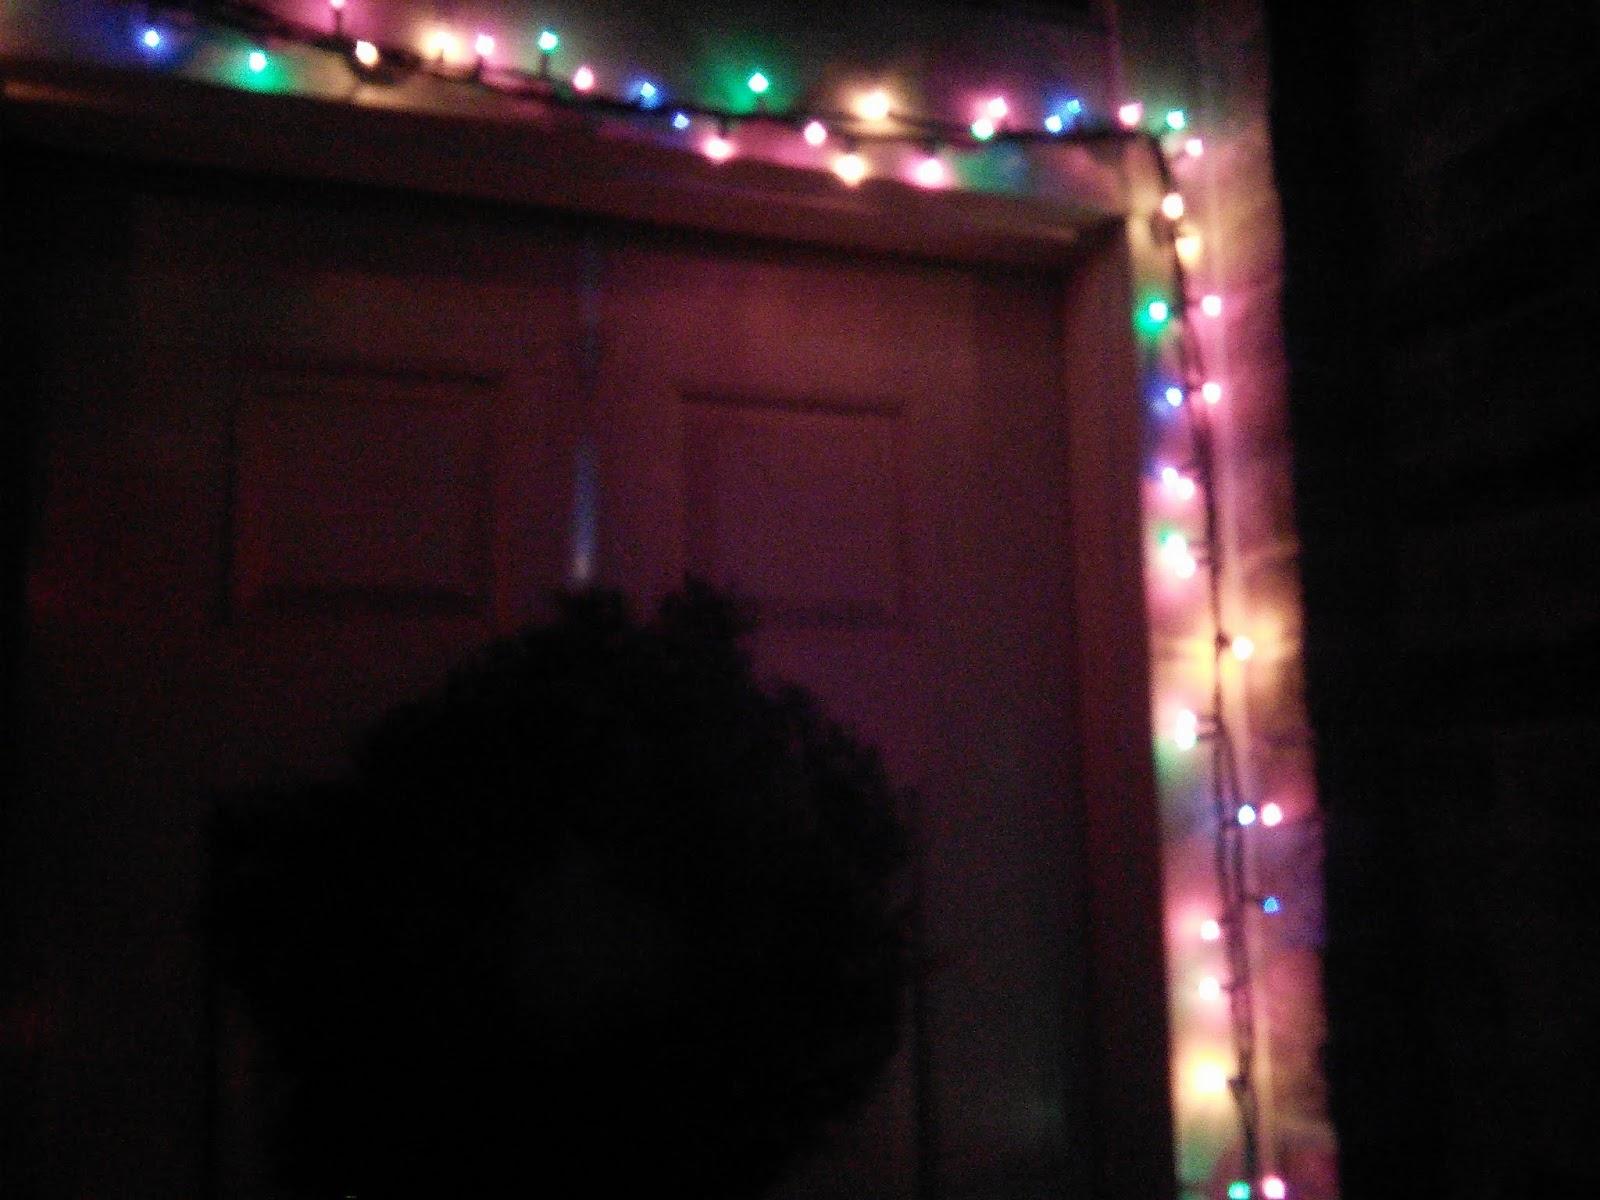 Christmastime - IMG_20141128_175304.jpg